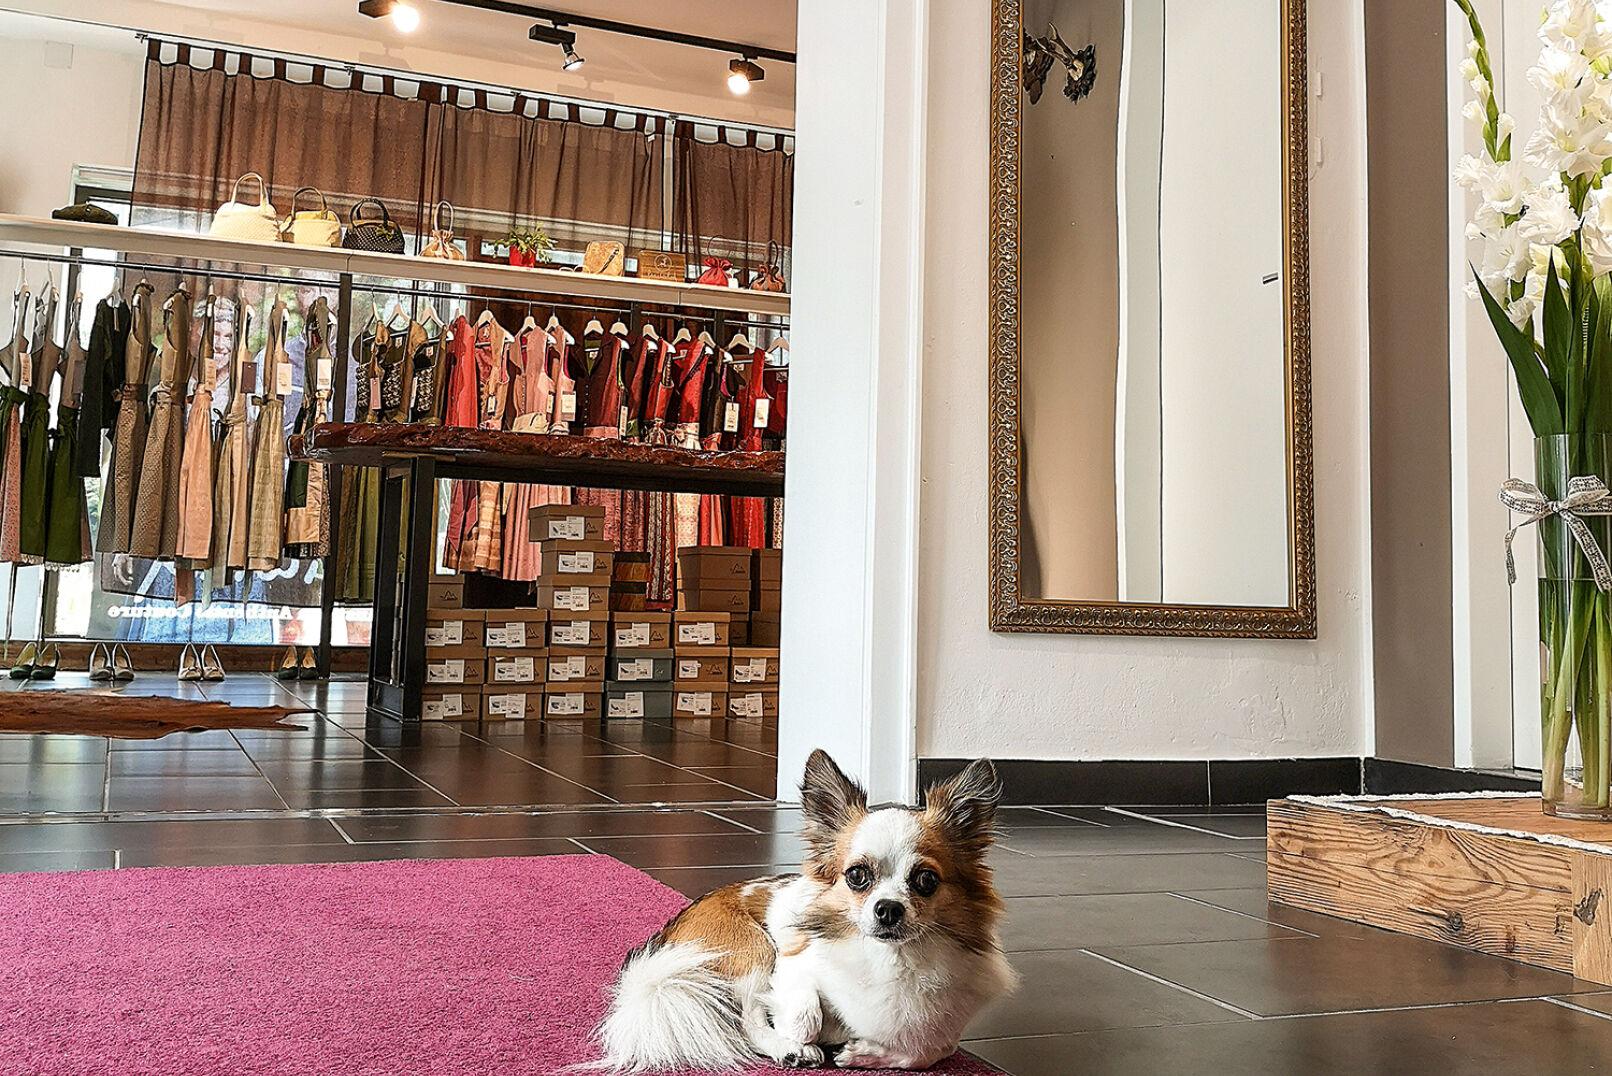 Wer in den Flagshipstore hinein möchte, wird erst einmal von Oskar begrüßt. - © Michaela Landbauer